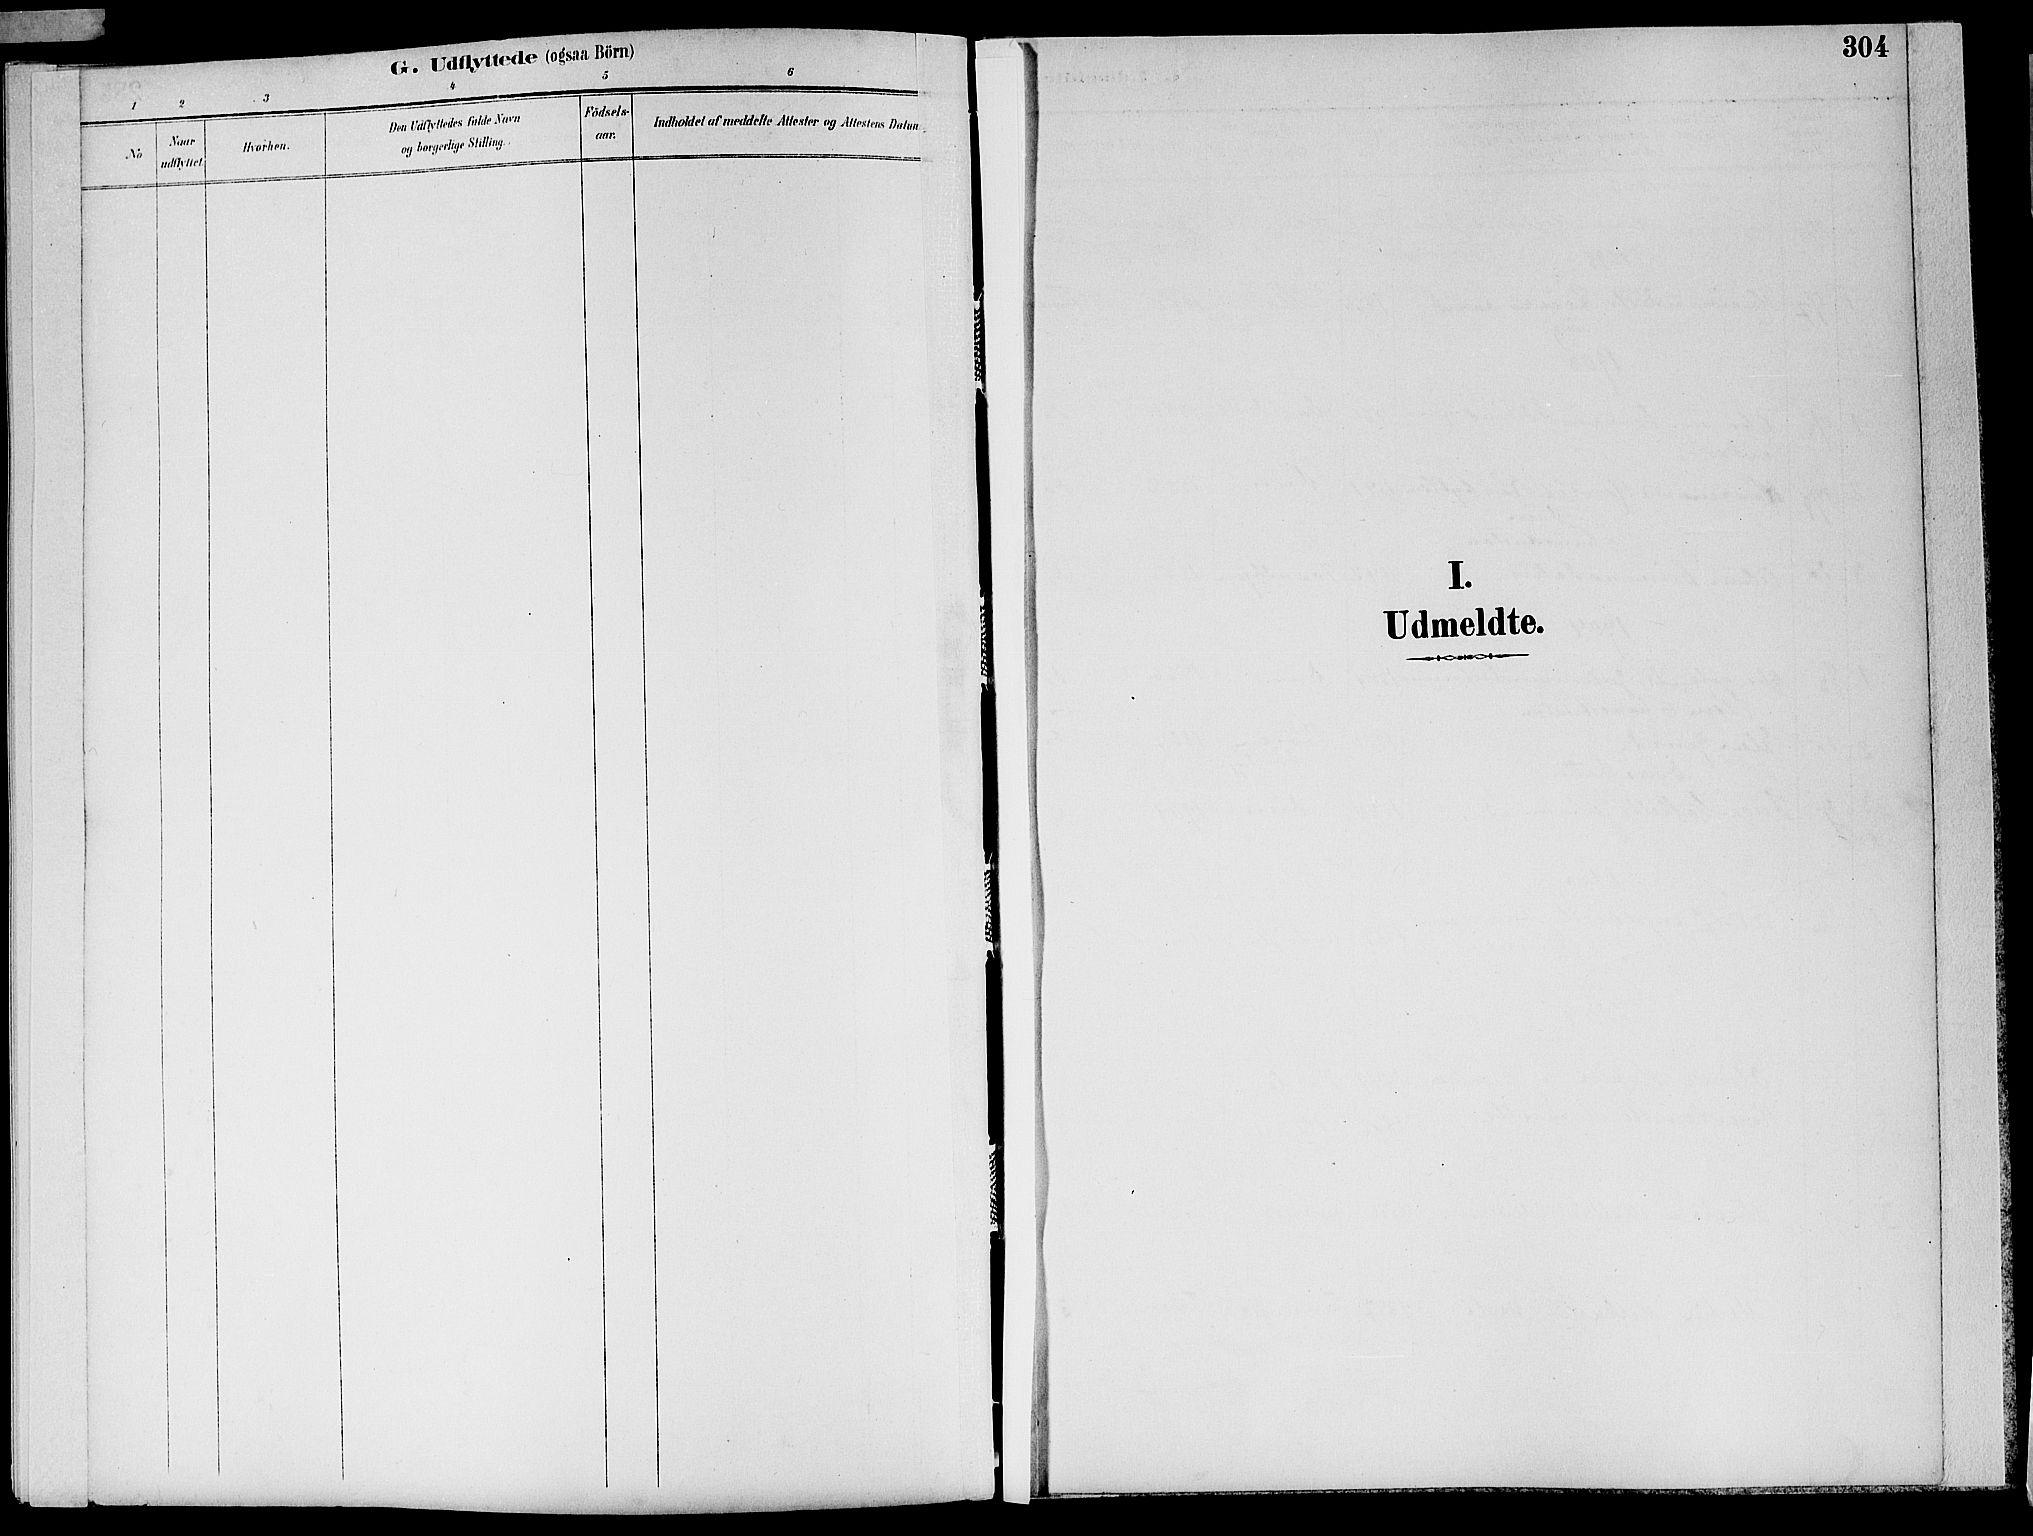 SAT, Ministerialprotokoller, klokkerbøker og fødselsregistre - Nord-Trøndelag, 773/L0617: Ministerialbok nr. 773A08, 1887-1910, s. 304